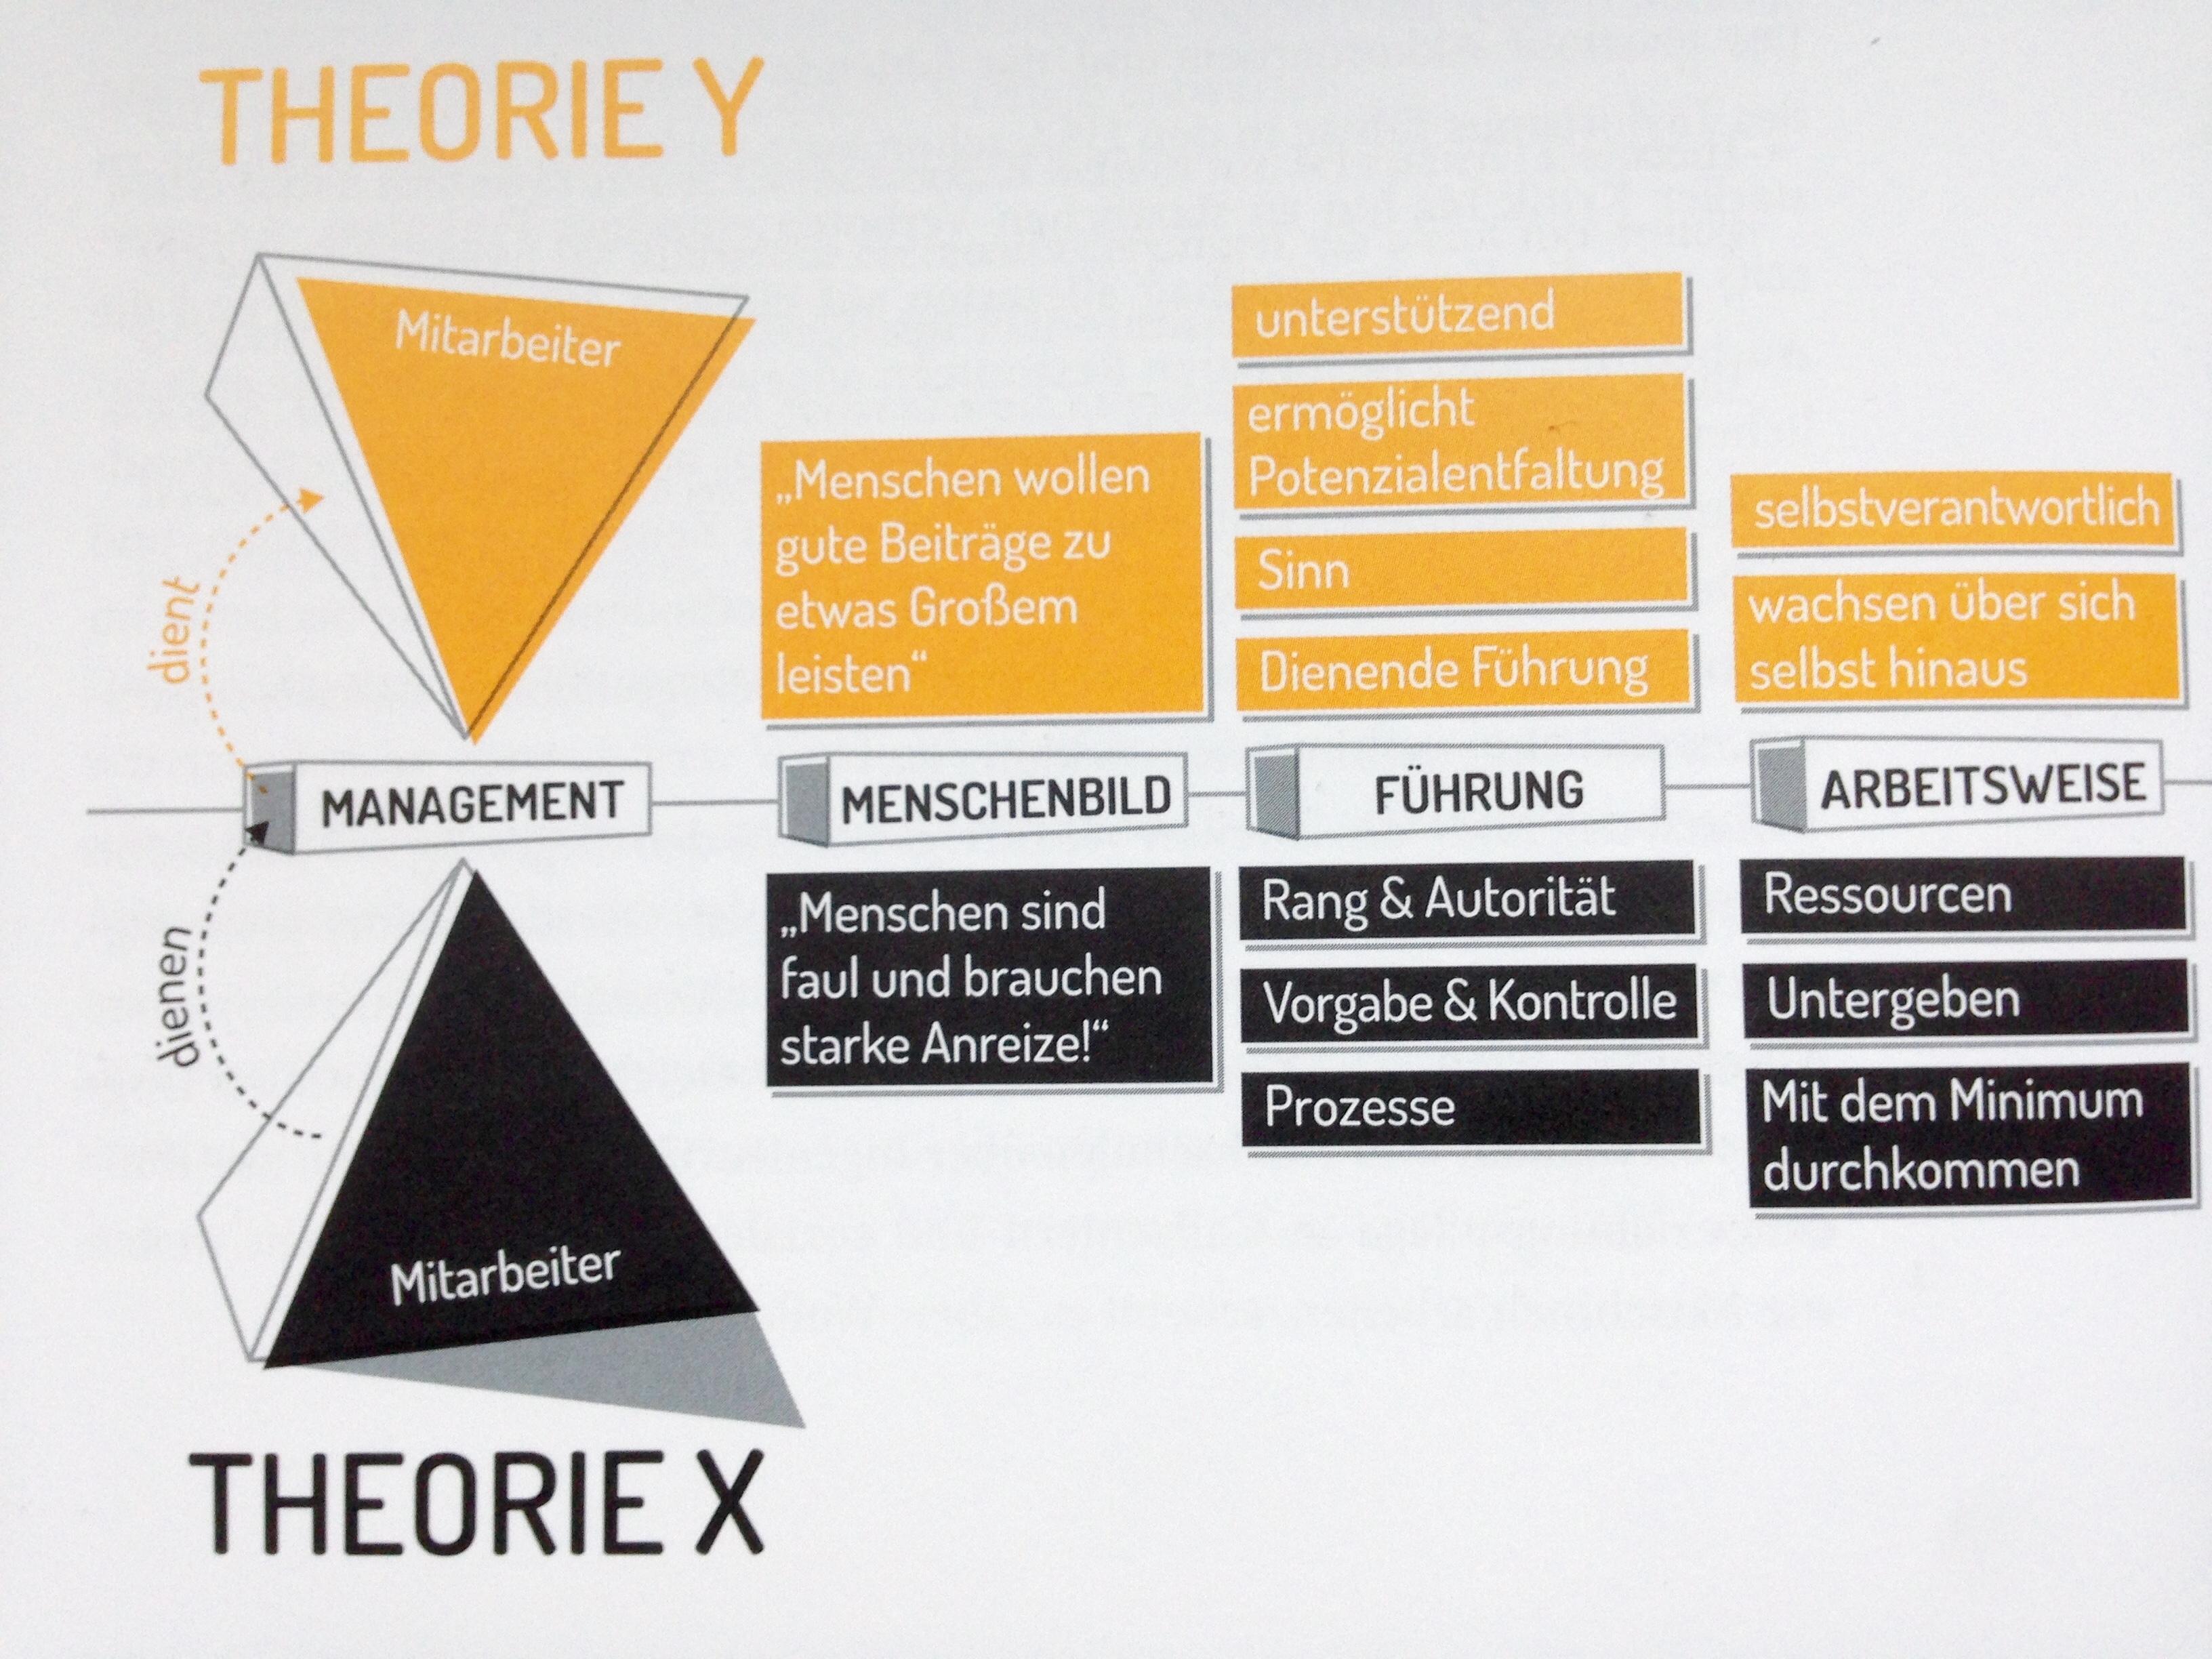 Theorie Y und Theorie X nach dem Psychologen Mc Gregor aus dem Buch Management Y